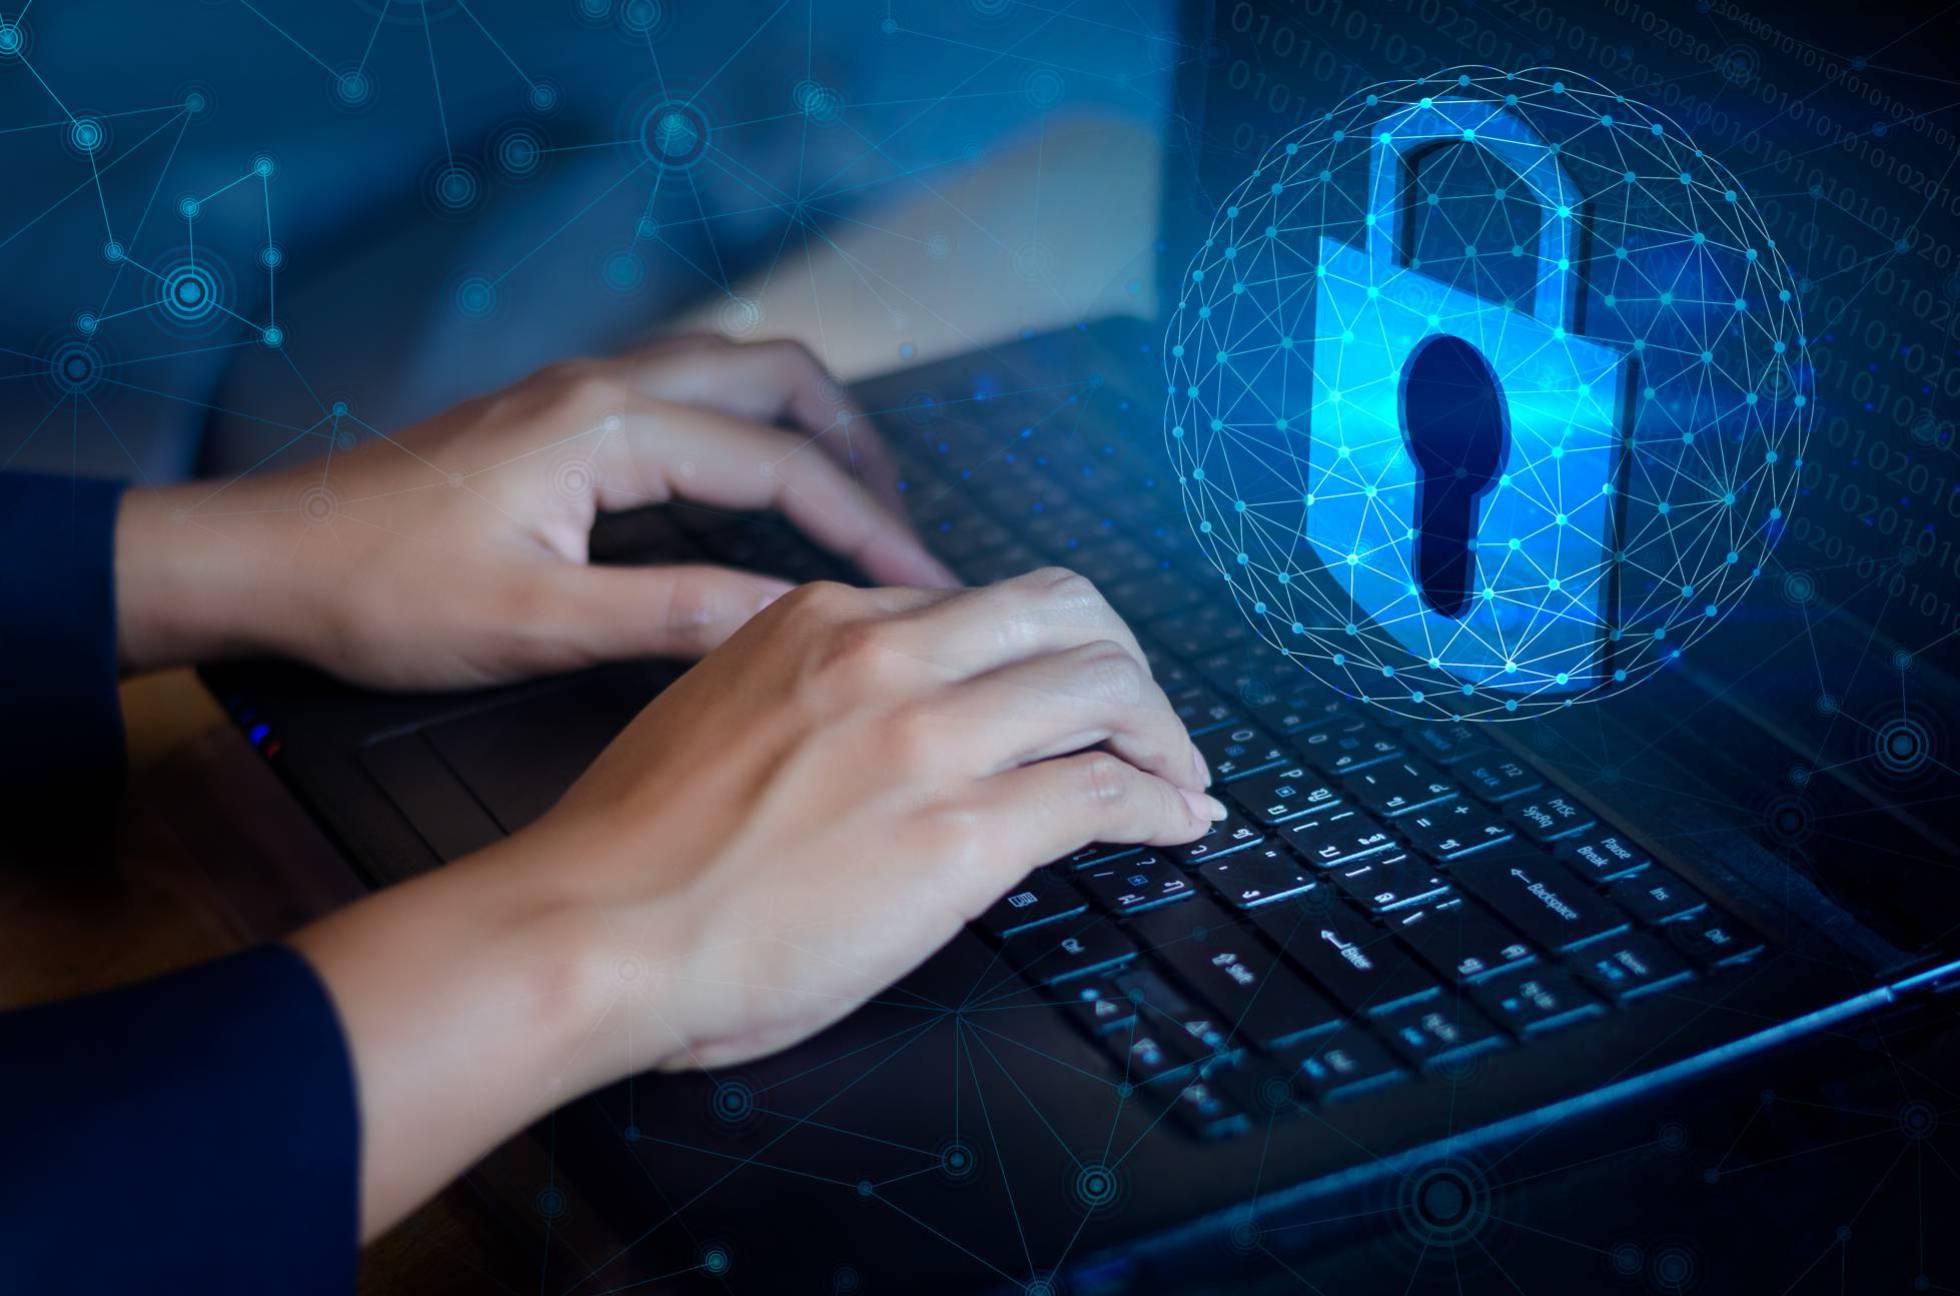 El 'web scraping' y la protección de datos